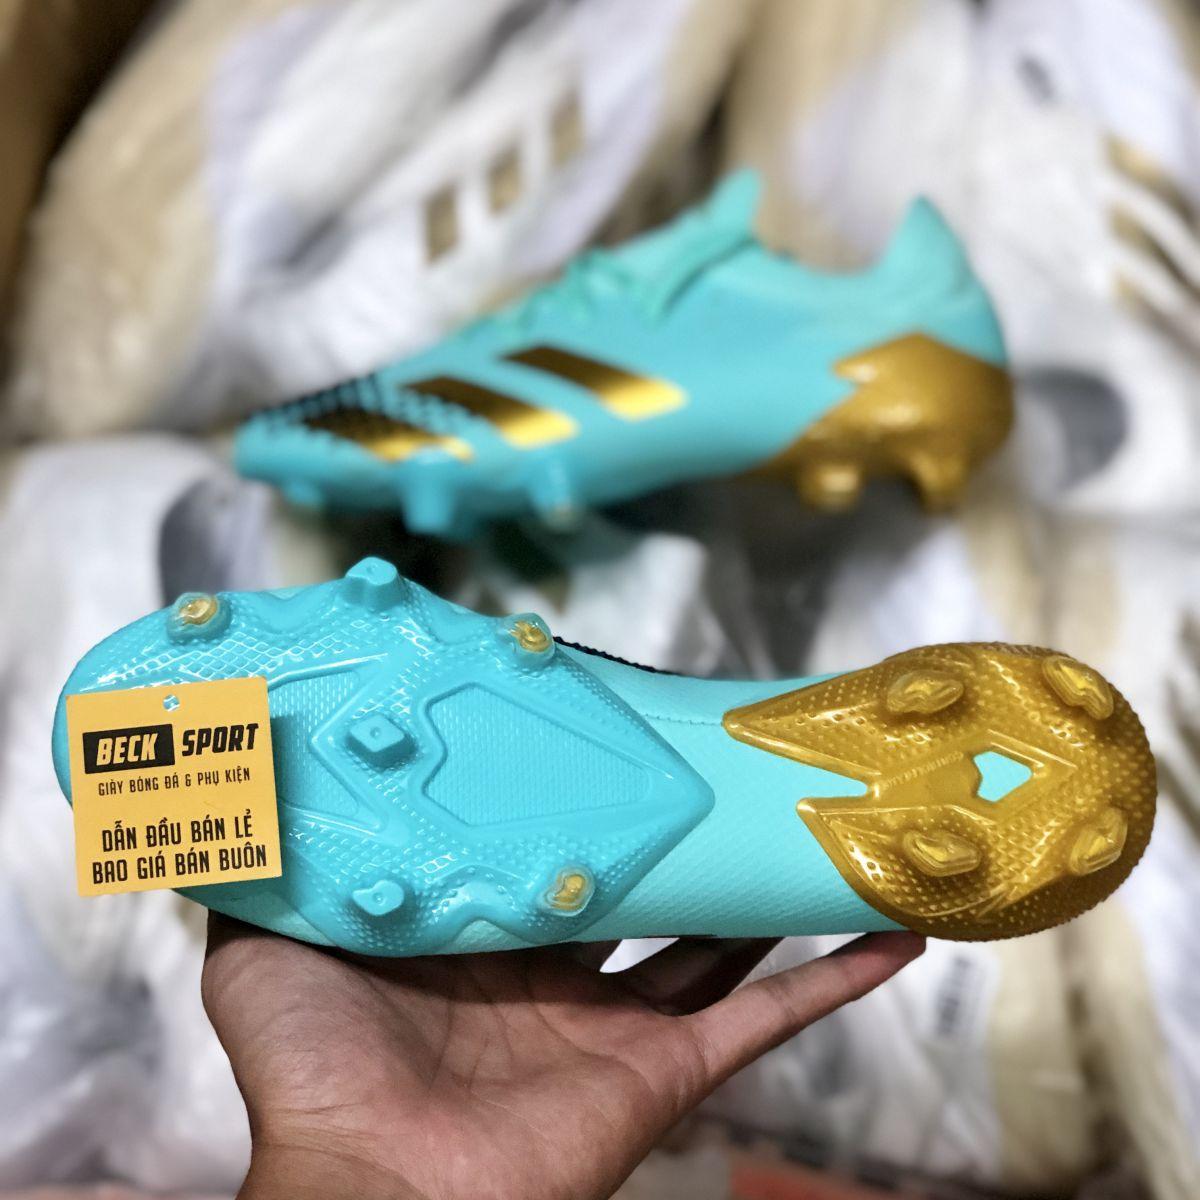 Giày Bóng Đá Adidas Predator 20.1 Xanh Ngọc Vạch Vàng FG